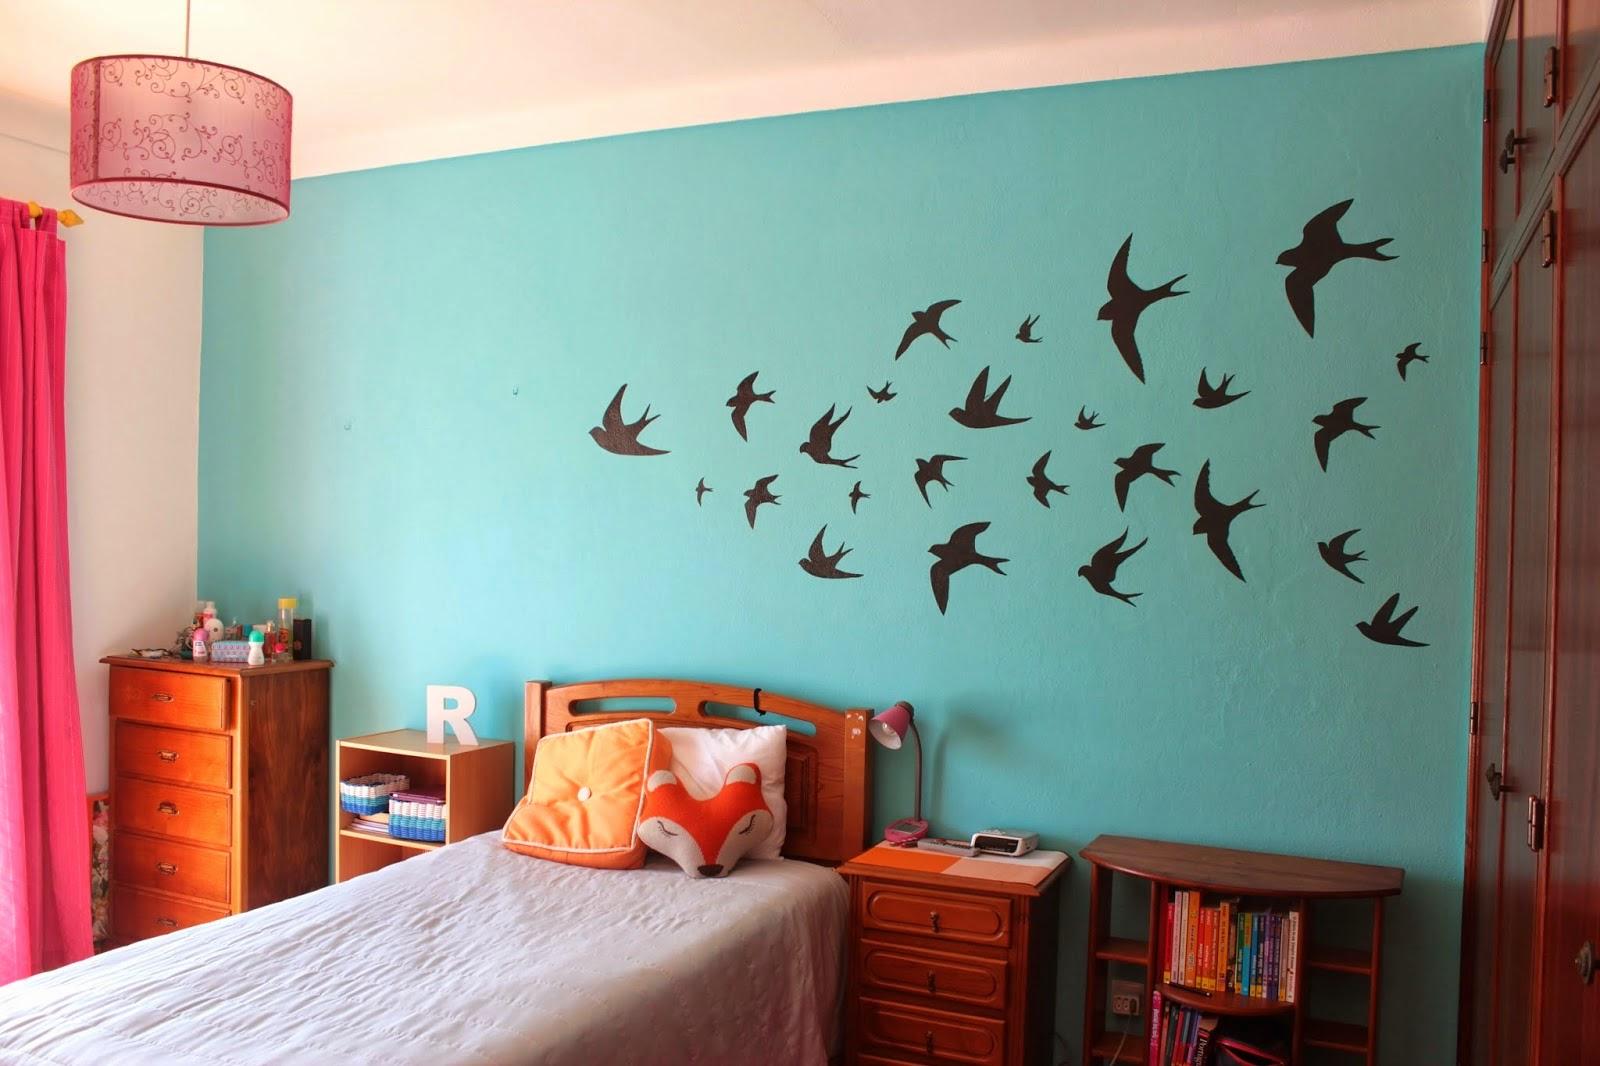 http://curlymade.blogspot.pt/2014/03/swallows-wall-decor.html